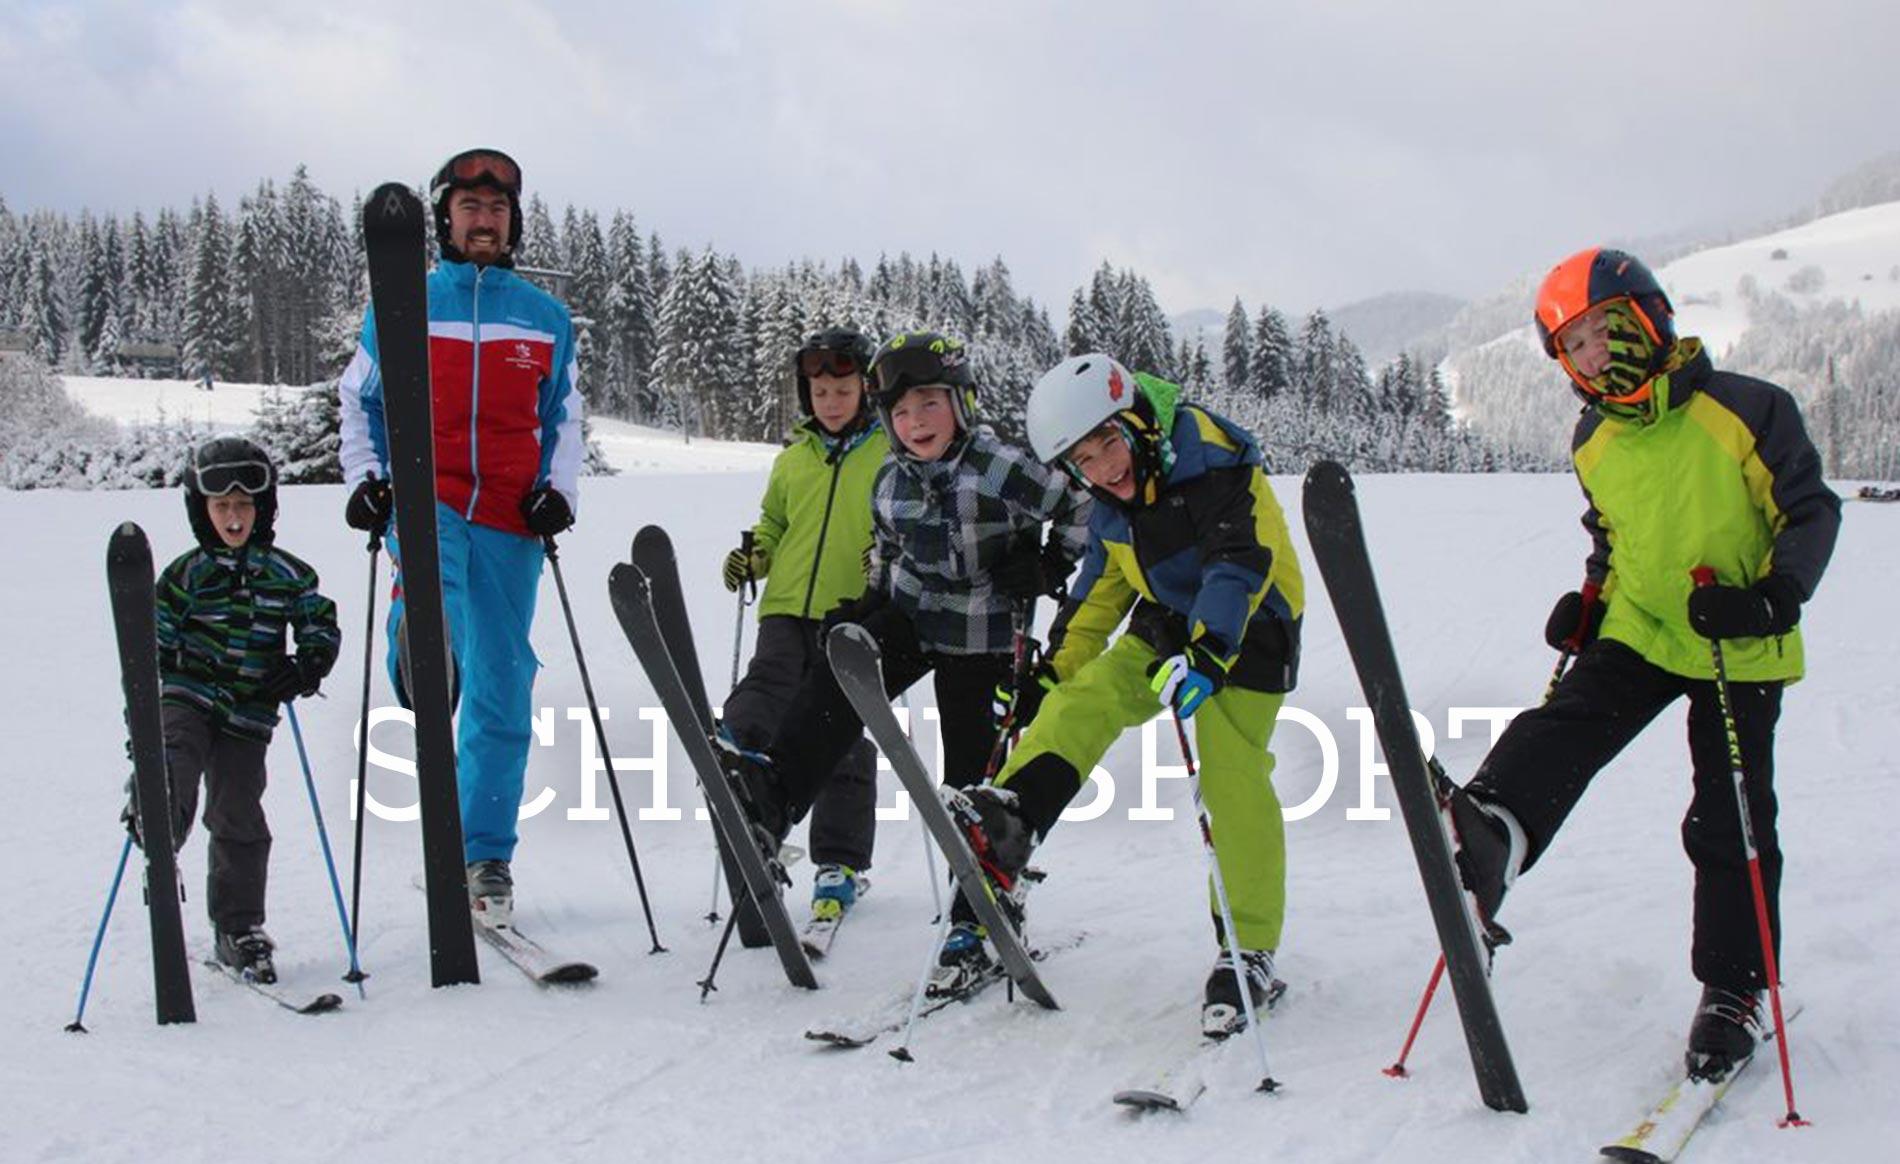 Weiße Gipfel und reichlich Spaß im weißen Pulverschnee beim